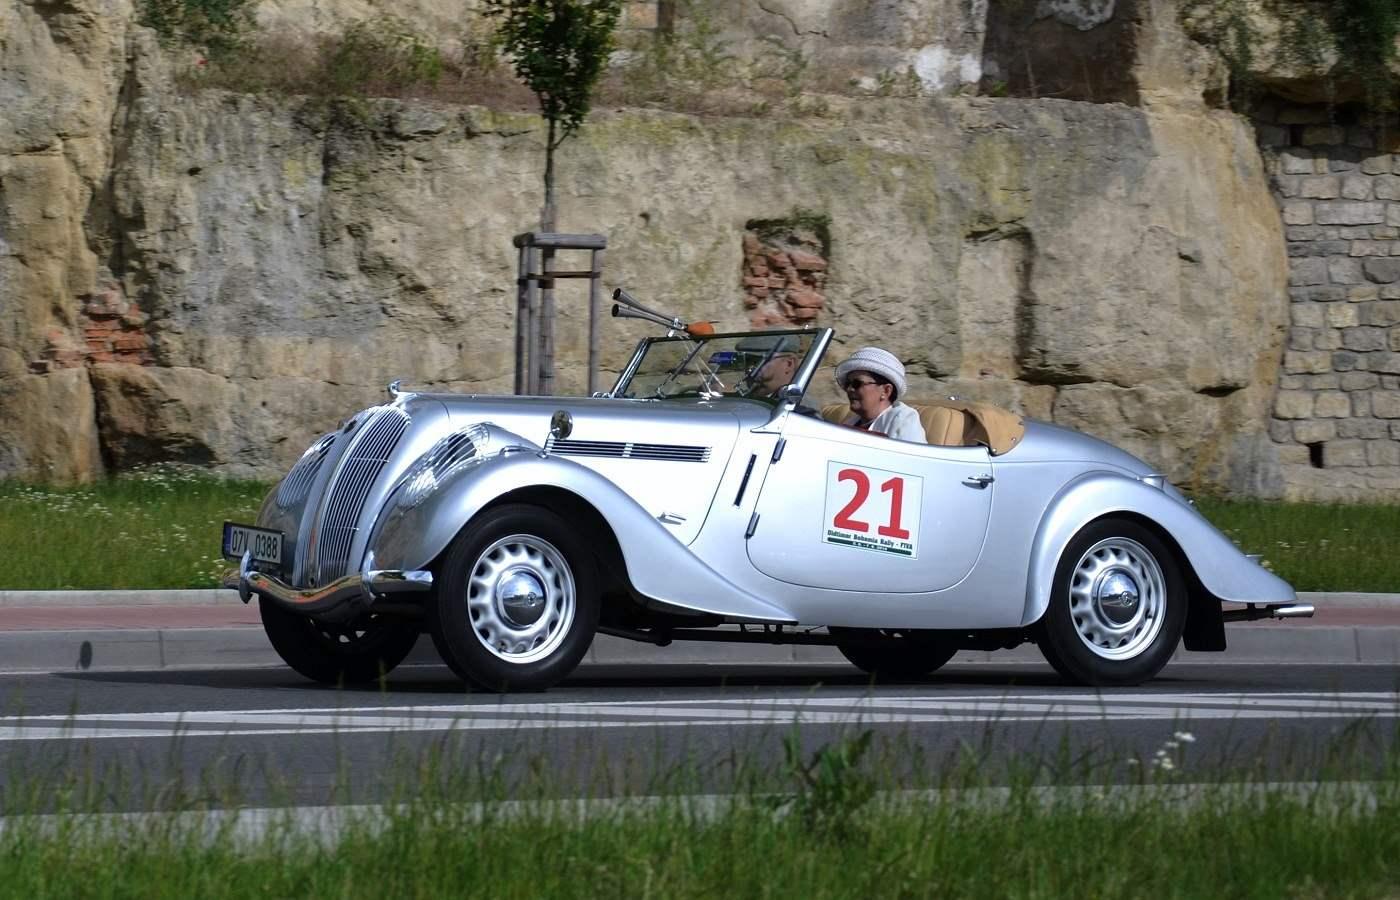 SKODA POPULAR выпуска 1936 года с экономичным 1,4-литровым двигателем мощностью 31 л.с.